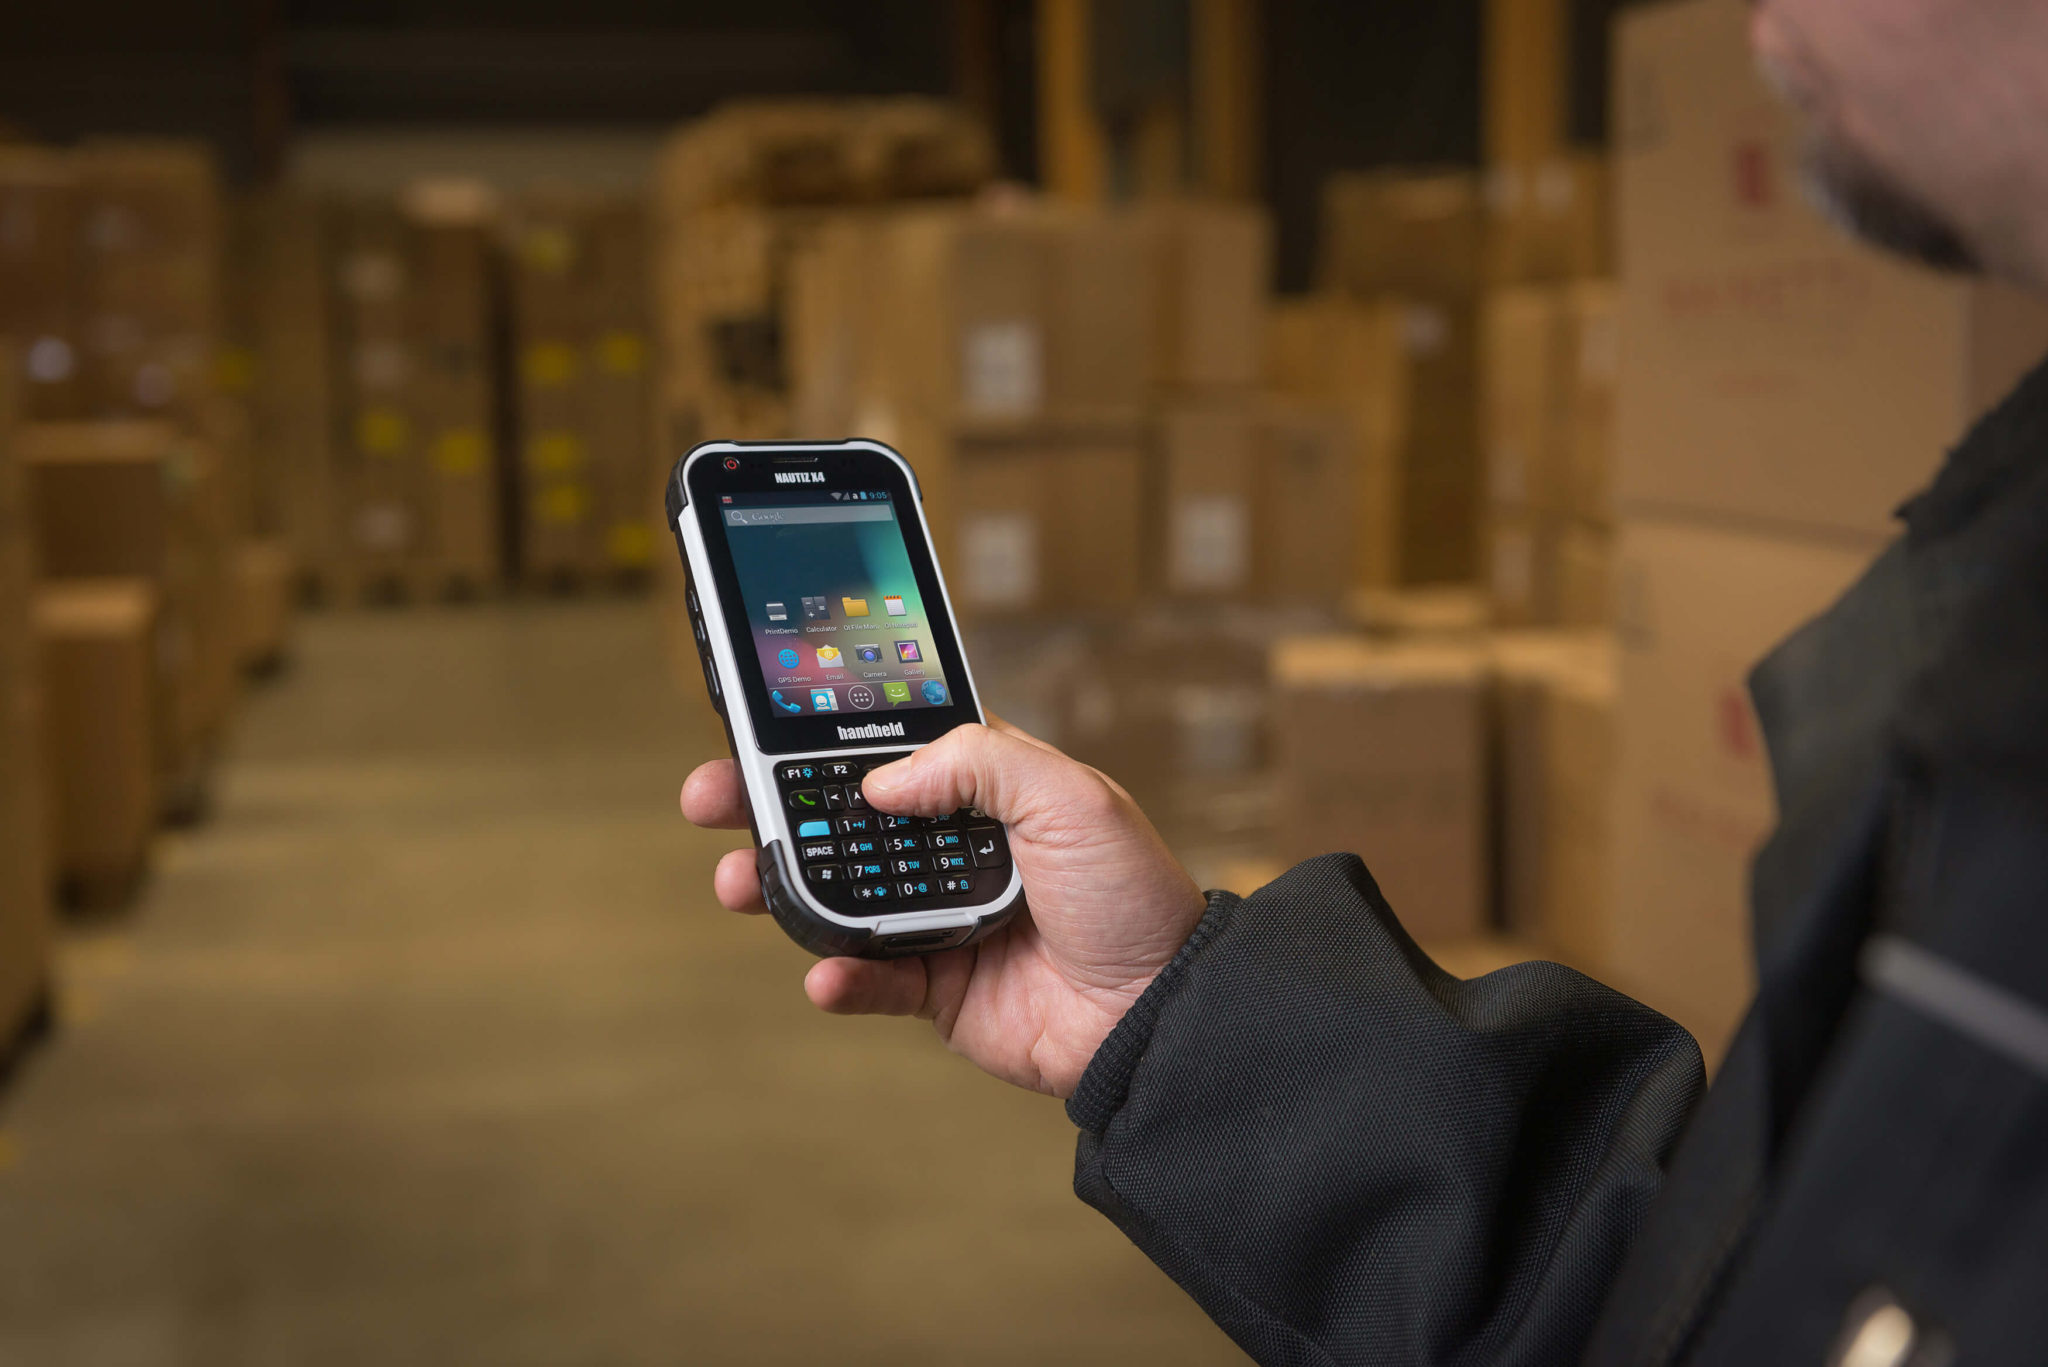 nautiz-x4-ip65-handheld-scanner-warehouse-android